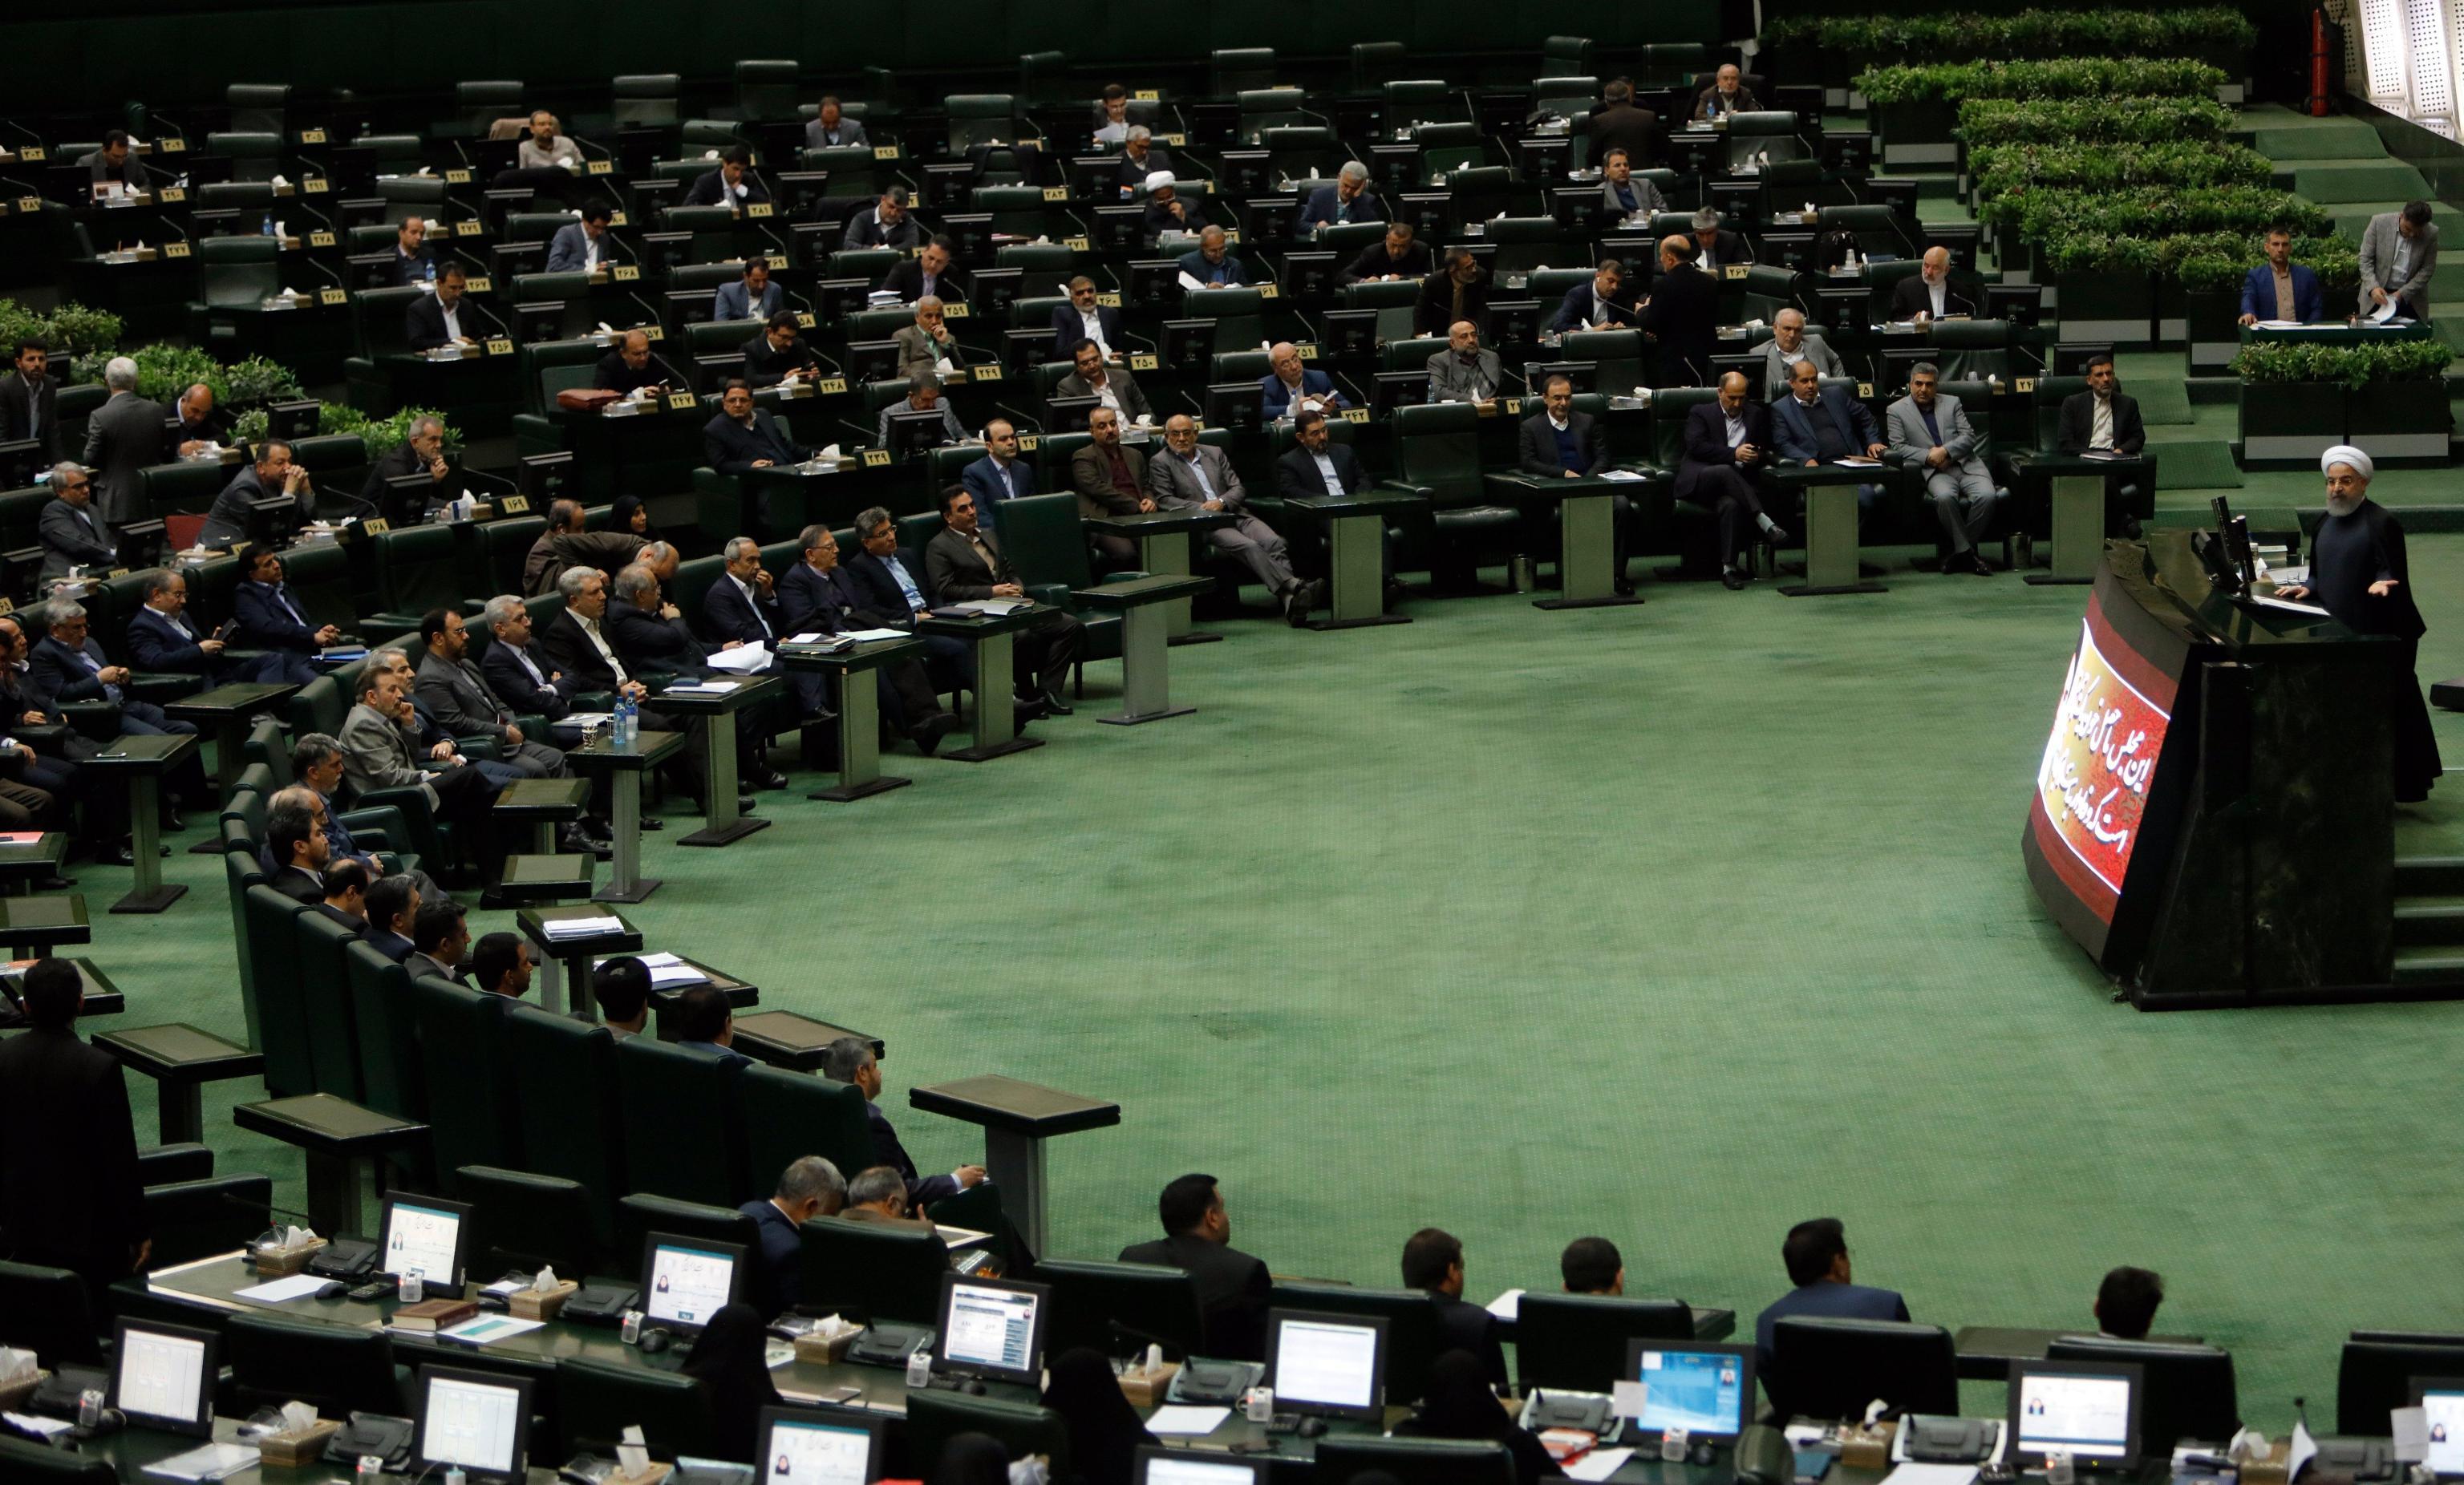 Iran: riunione Parlamento su proteste